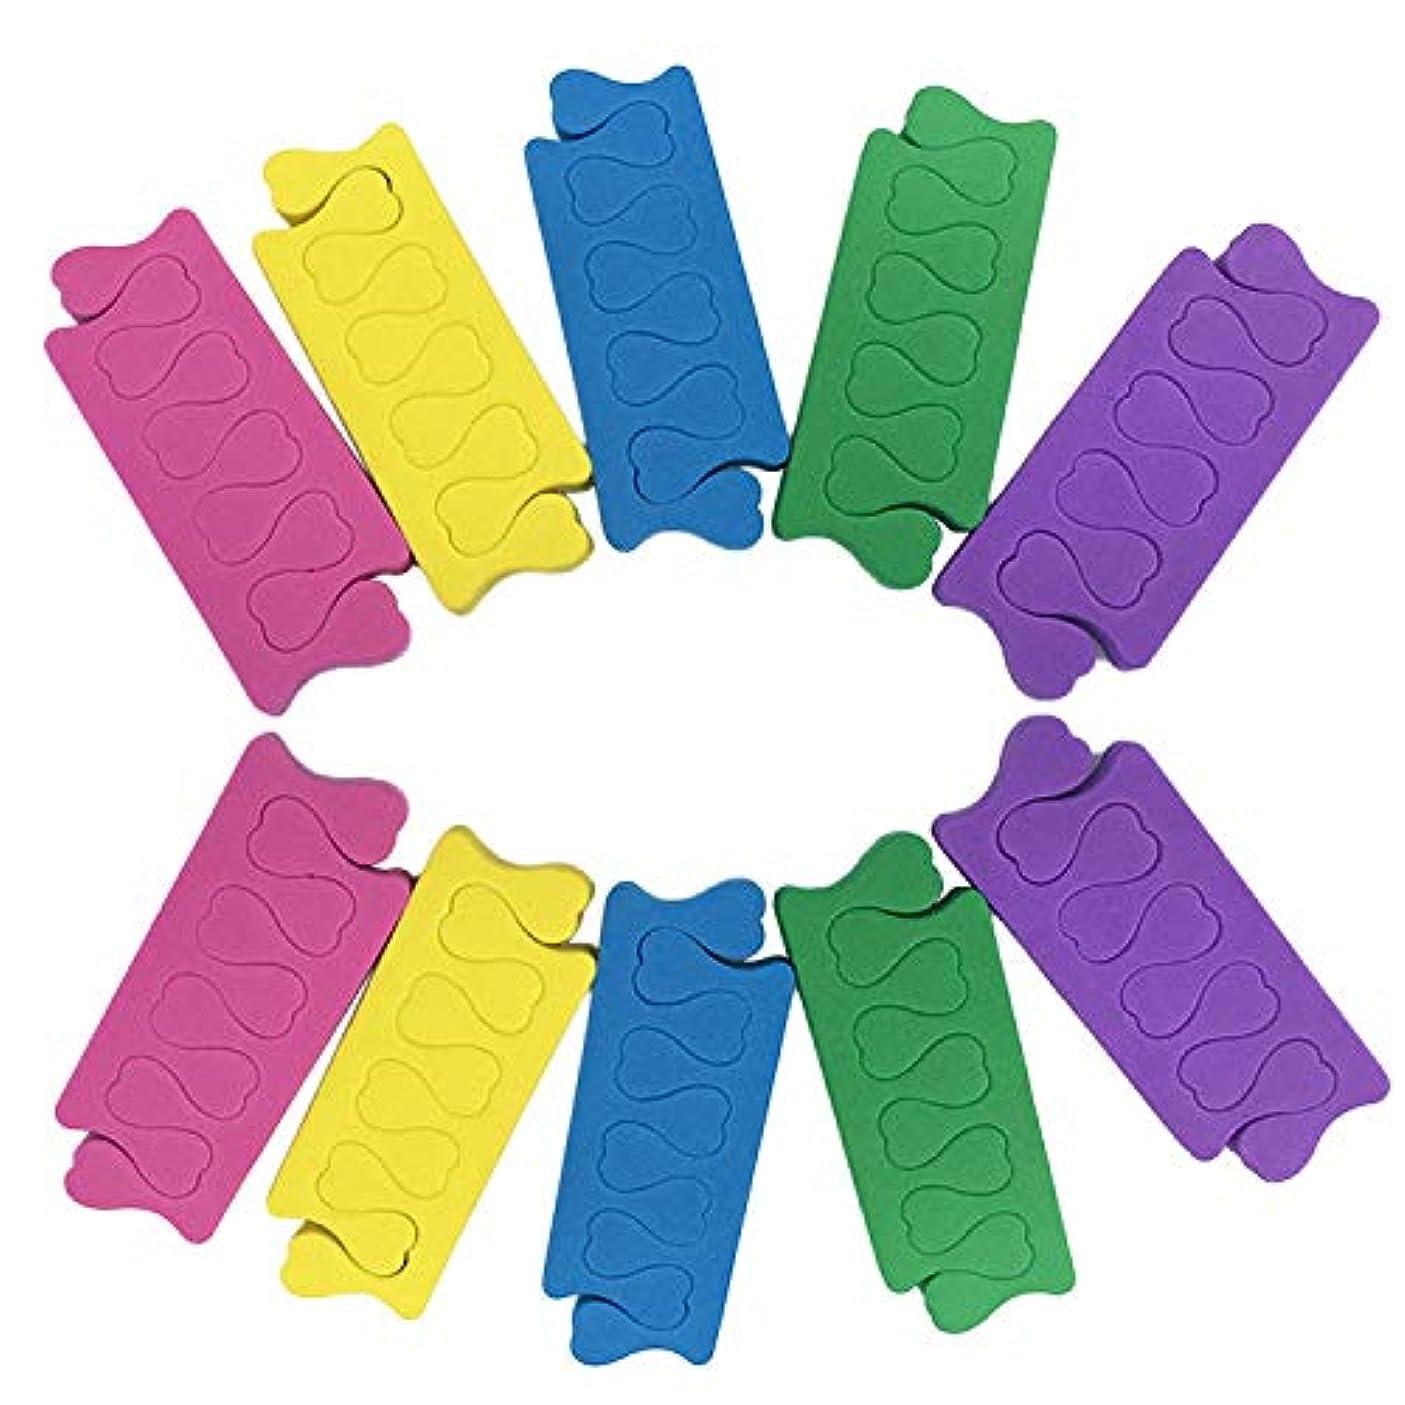 トゥセパレーター Migavann フィンガーセパレーター 50組の色の組み合わせソフトフォームスポンジフィンガーセパレーターデバイダーネイルアートマニキュアペディキュアツール